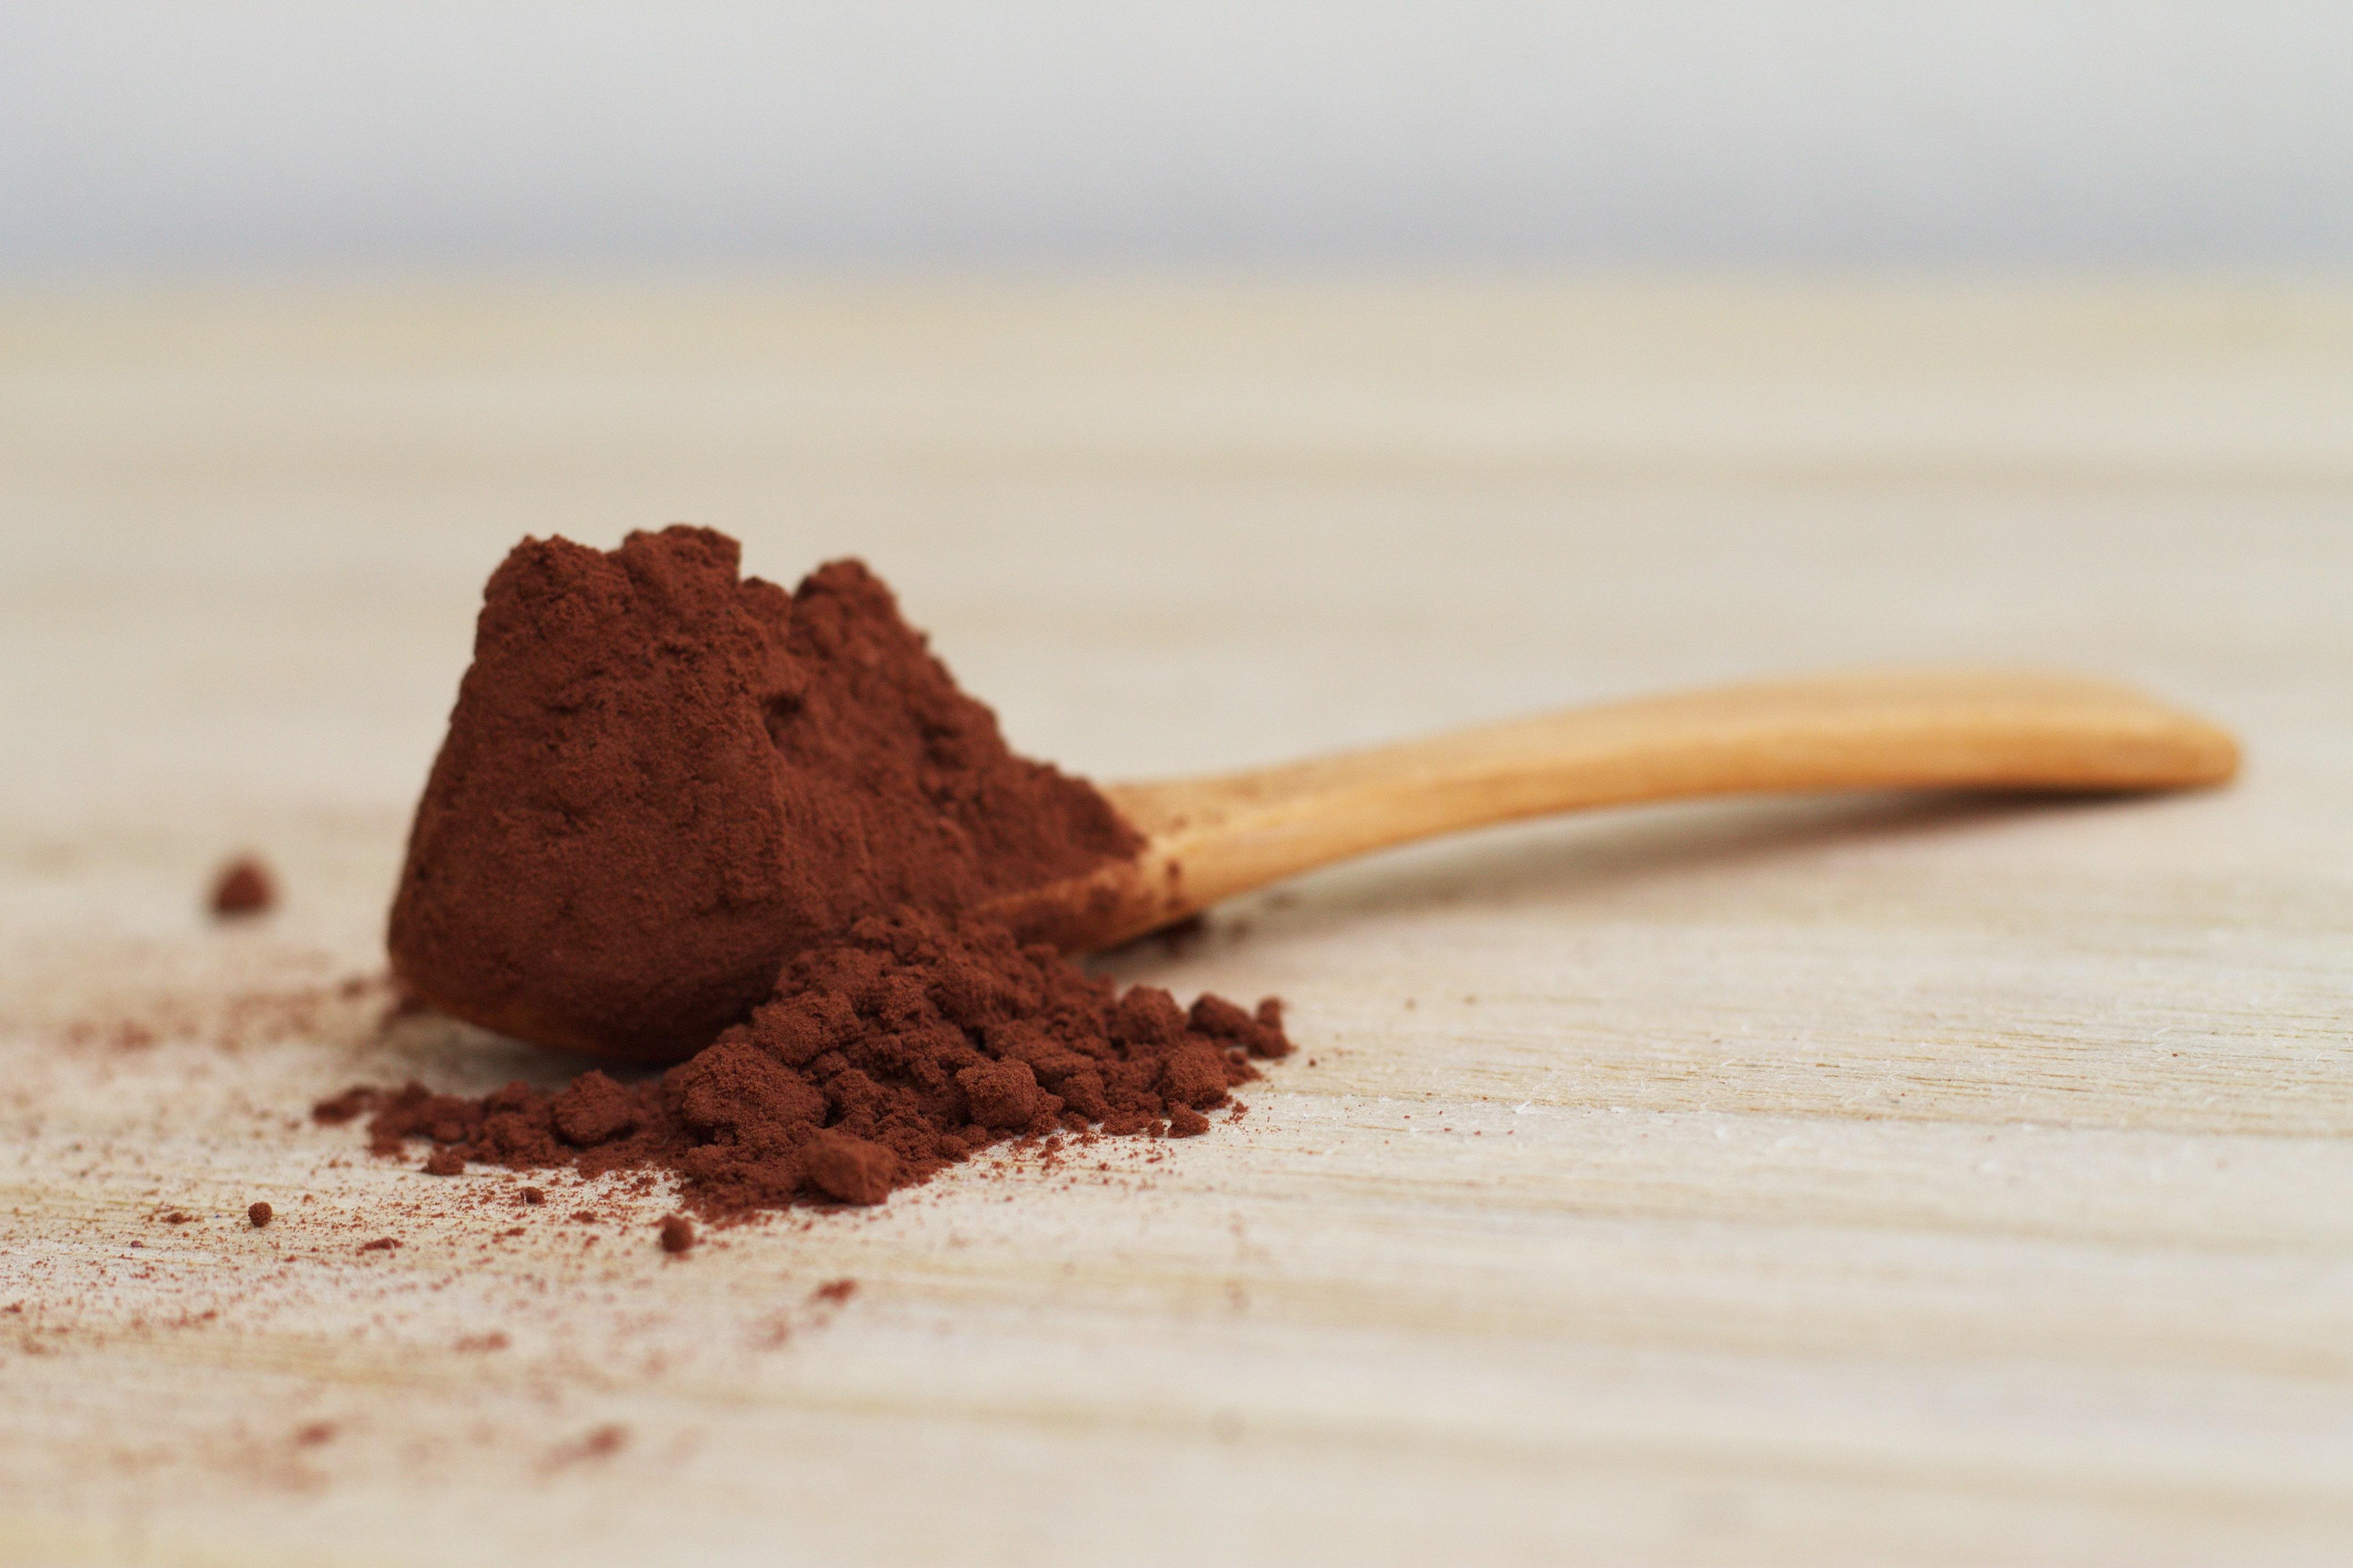 血圧がチョコレートで改善!?その効果と注意点とは